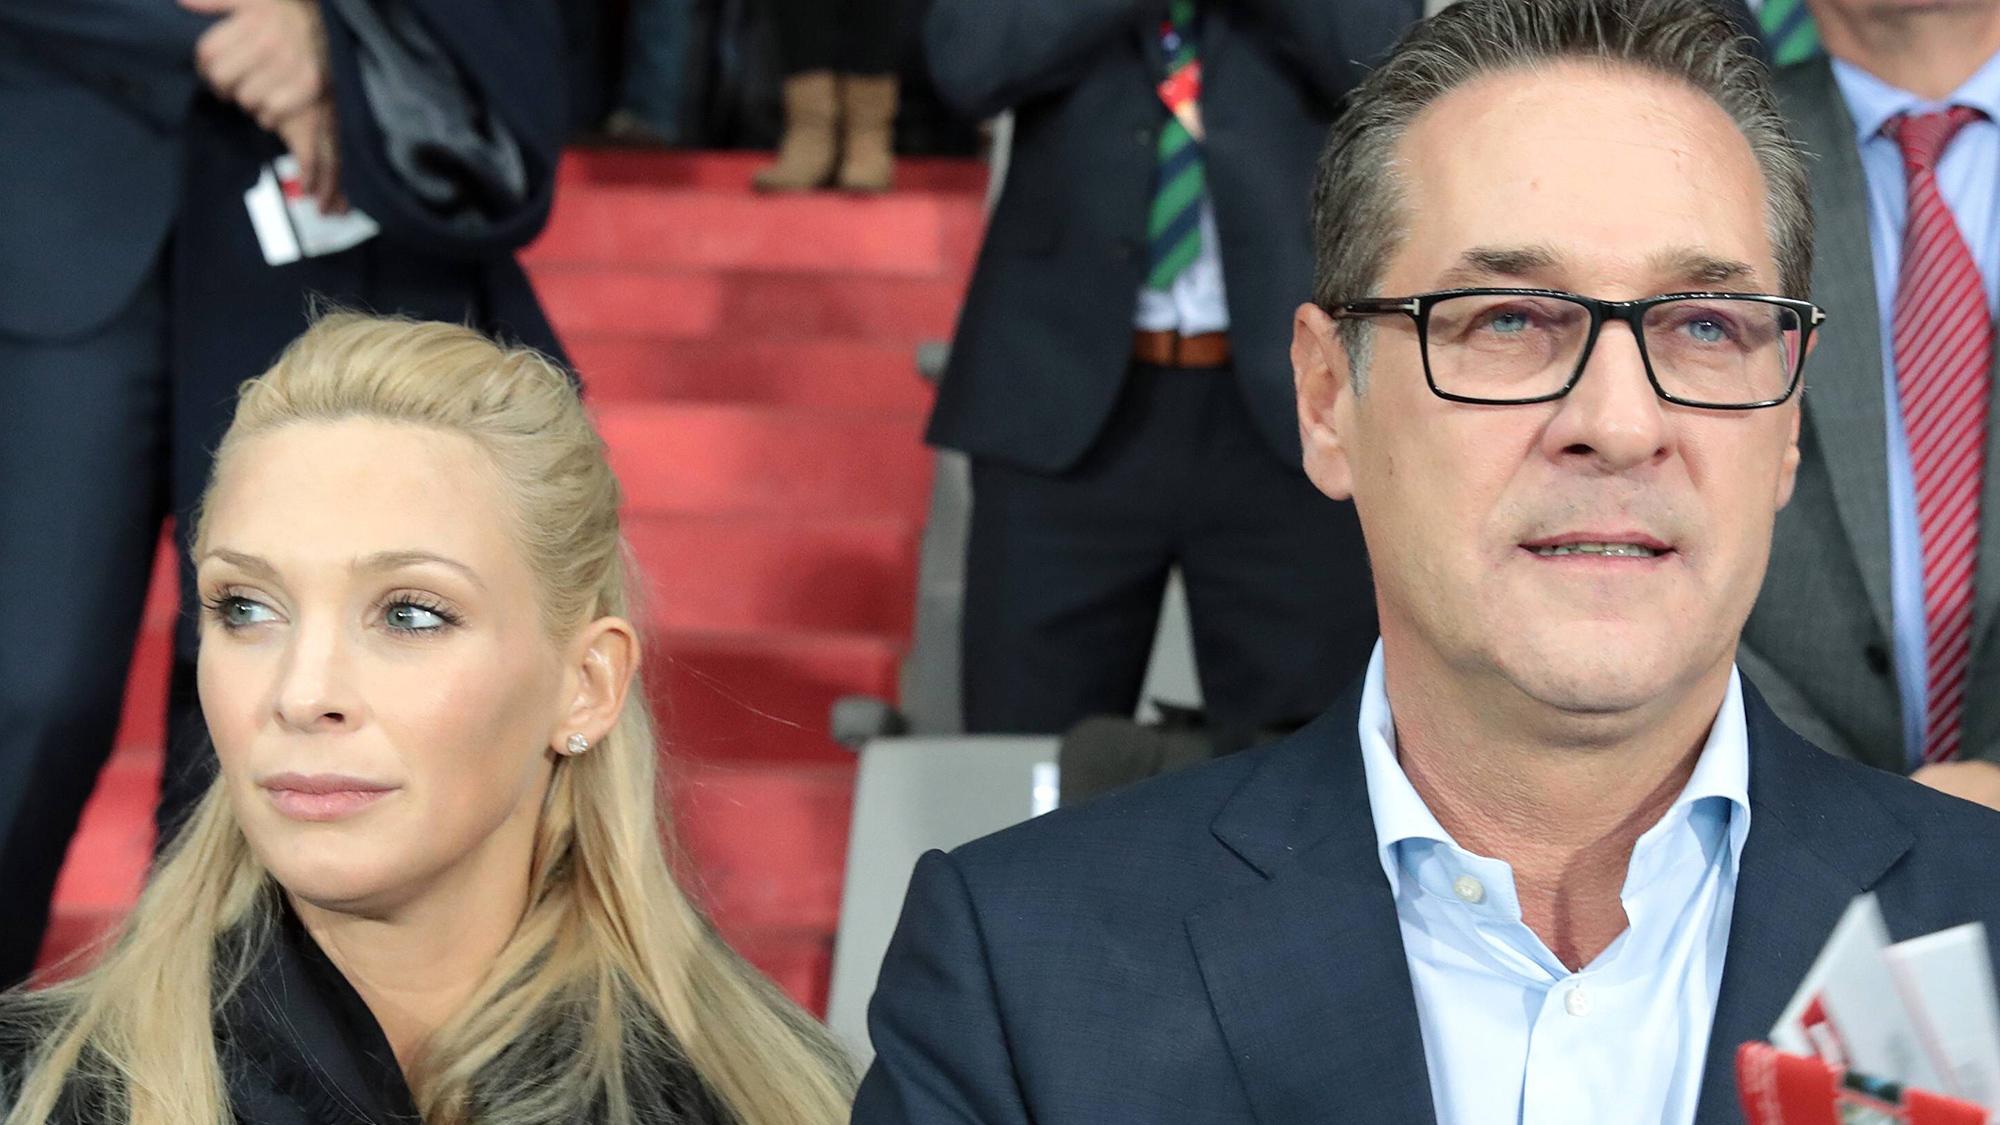 Εισαγγελική έρευνα σε βάρος της συζύγου πρώην αντικαγκελάριου της Αυστρίας